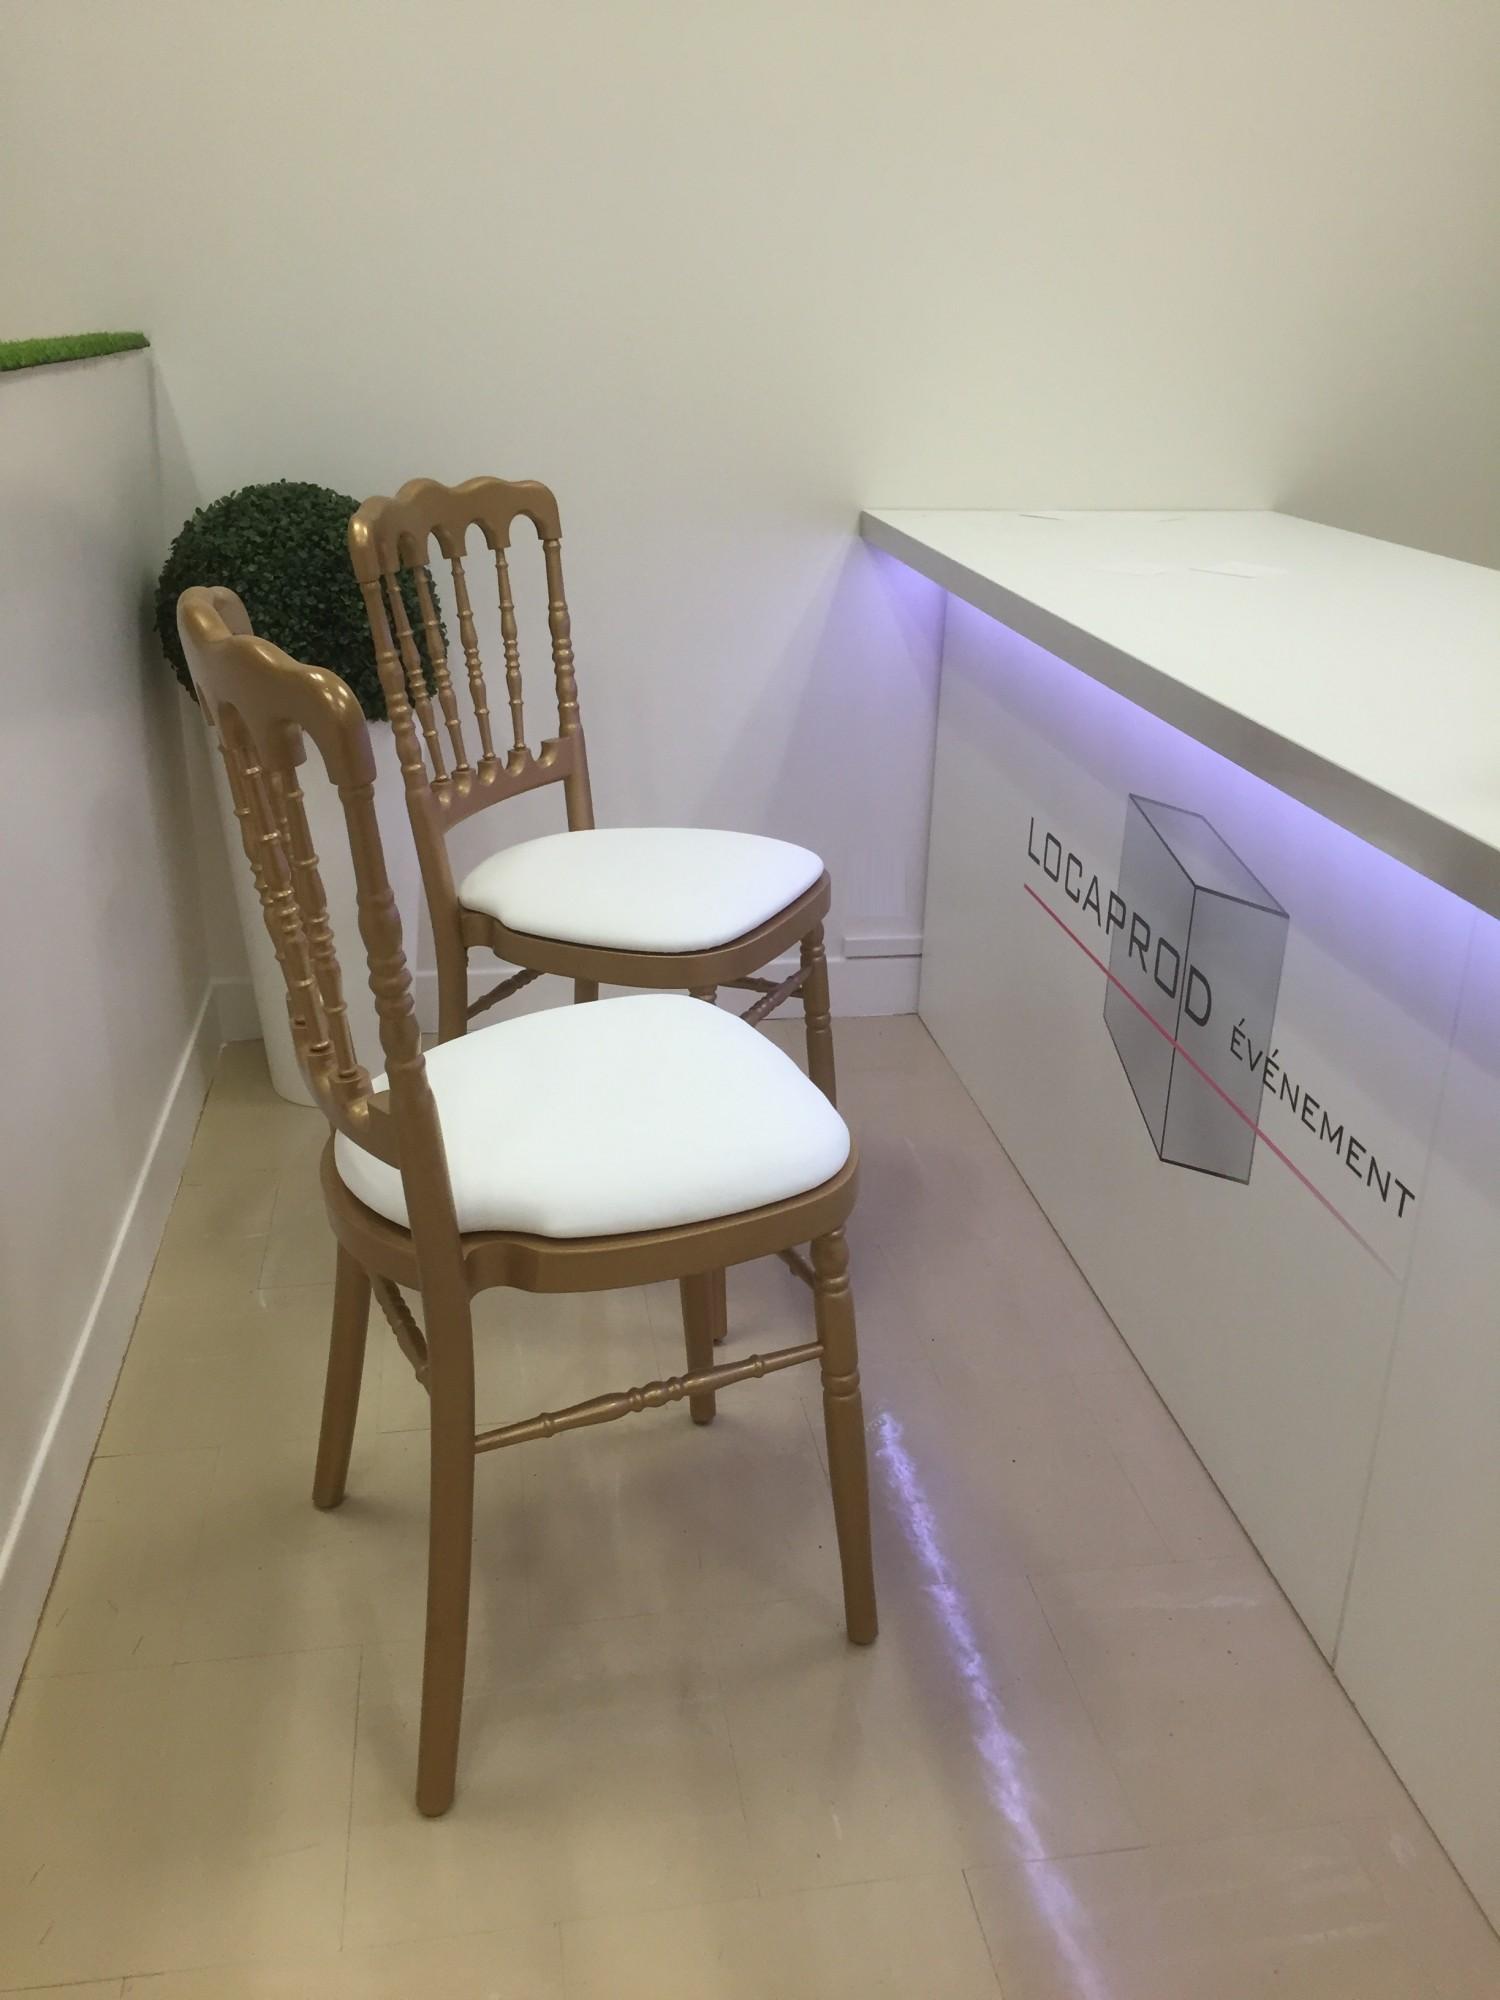 location de chaise napol on dor e assise blanche location mobilier de r ception paris. Black Bedroom Furniture Sets. Home Design Ideas